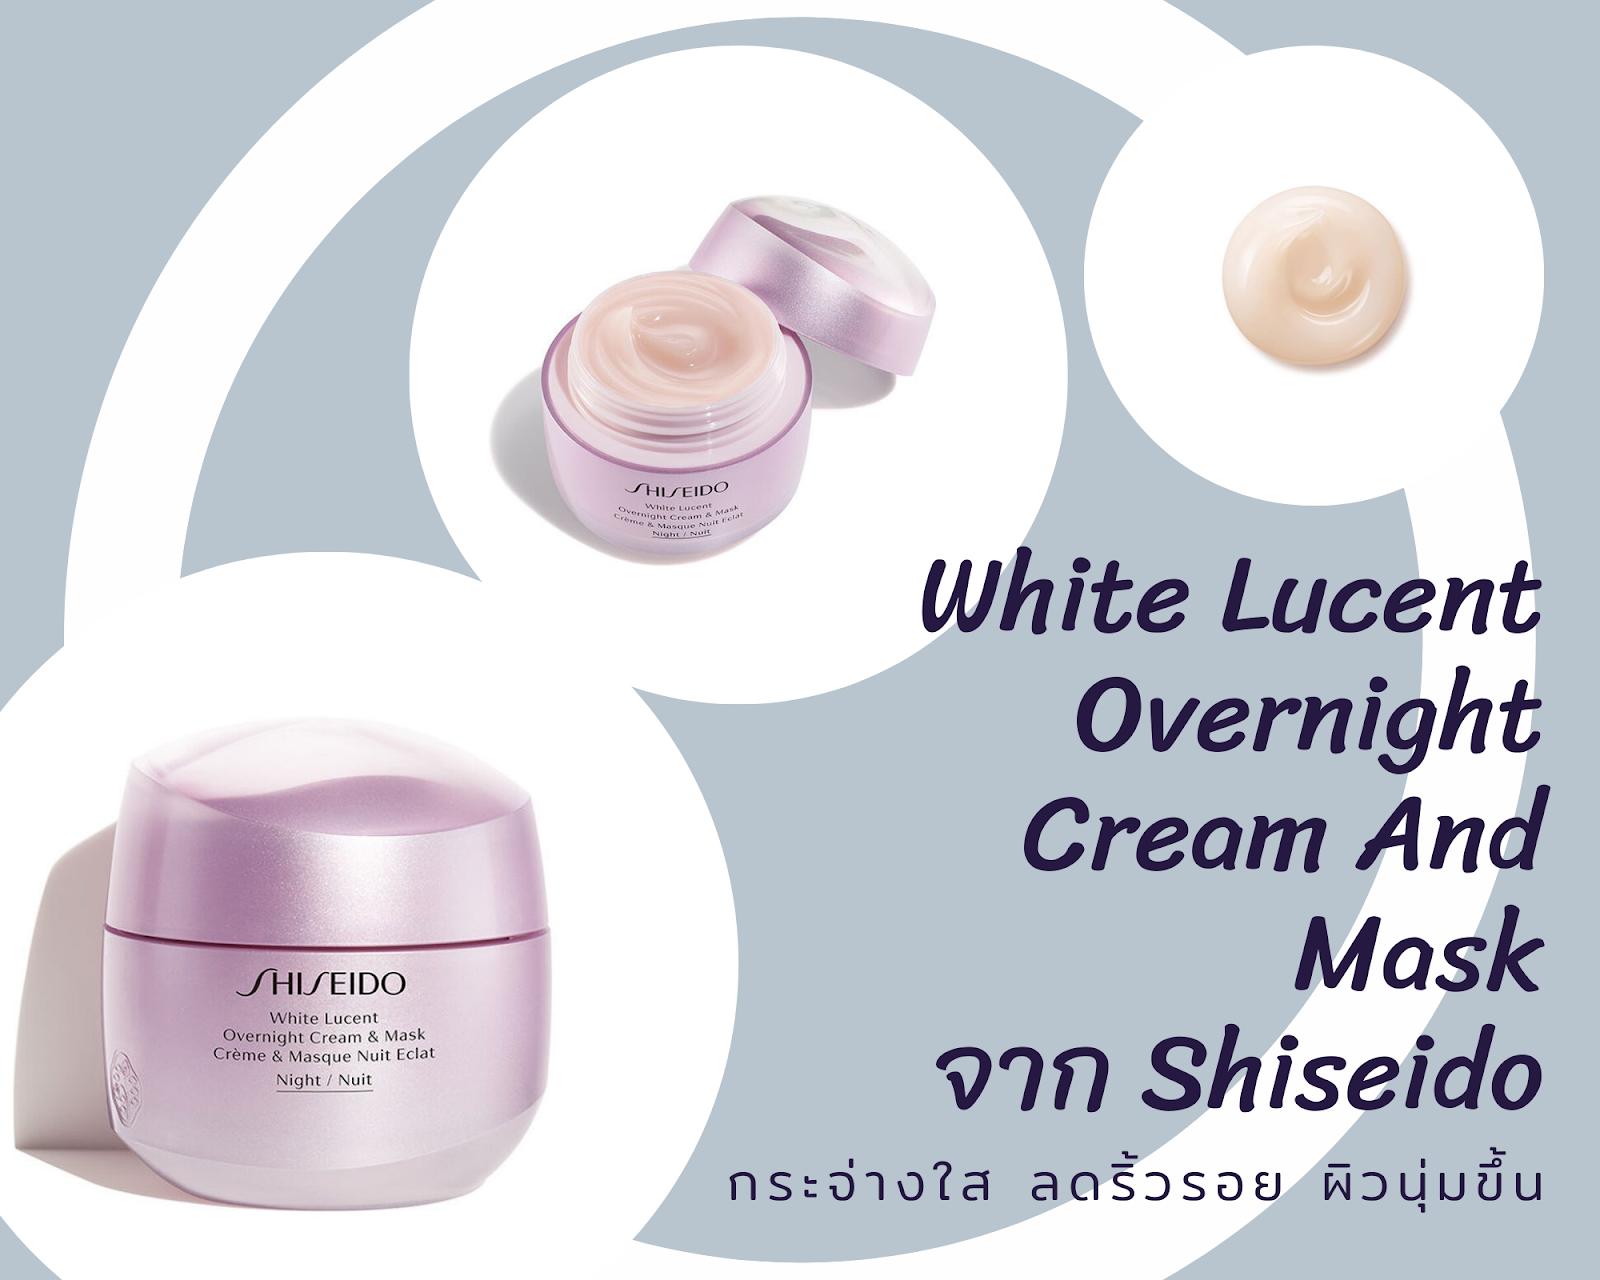 เหมาะสำหรับผิวหมองคล้ำ : White Lucent Overnight Cream And Mask (Shiseido)